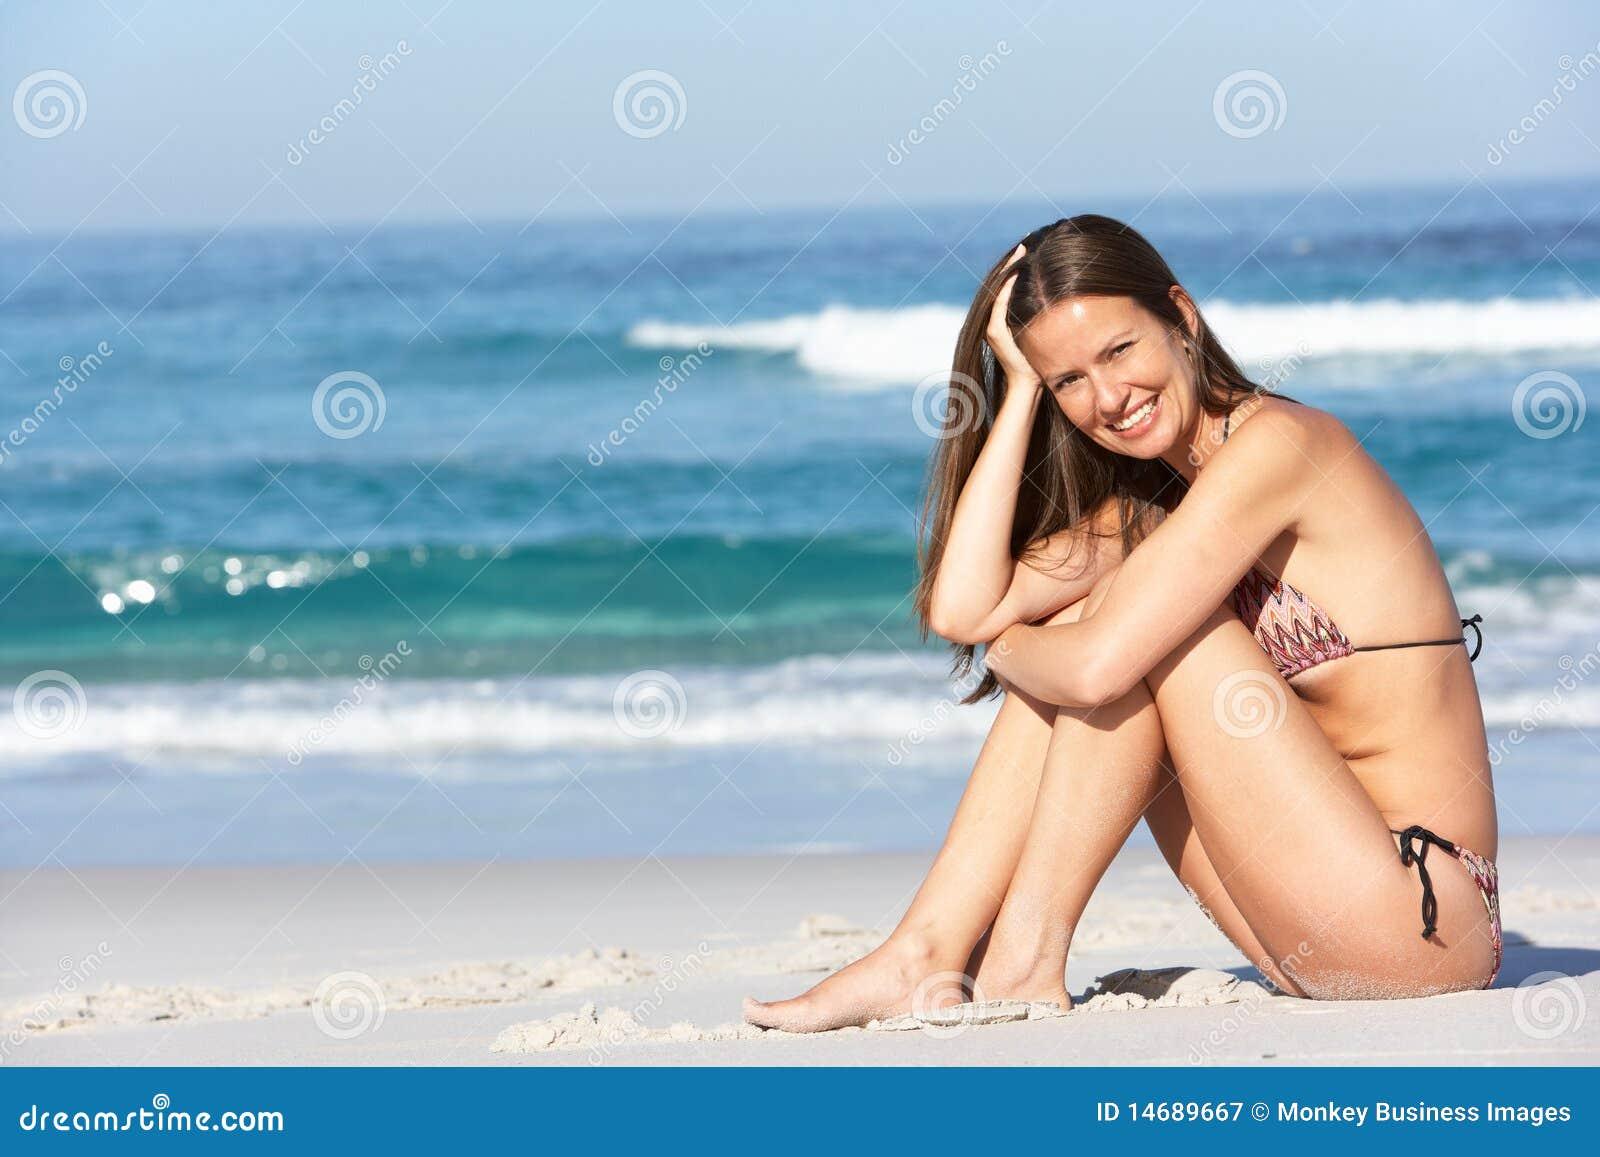 Пьяные голые девочки на пляже, Подборка: Приколы с пьяными девушками - видео 19 фотография